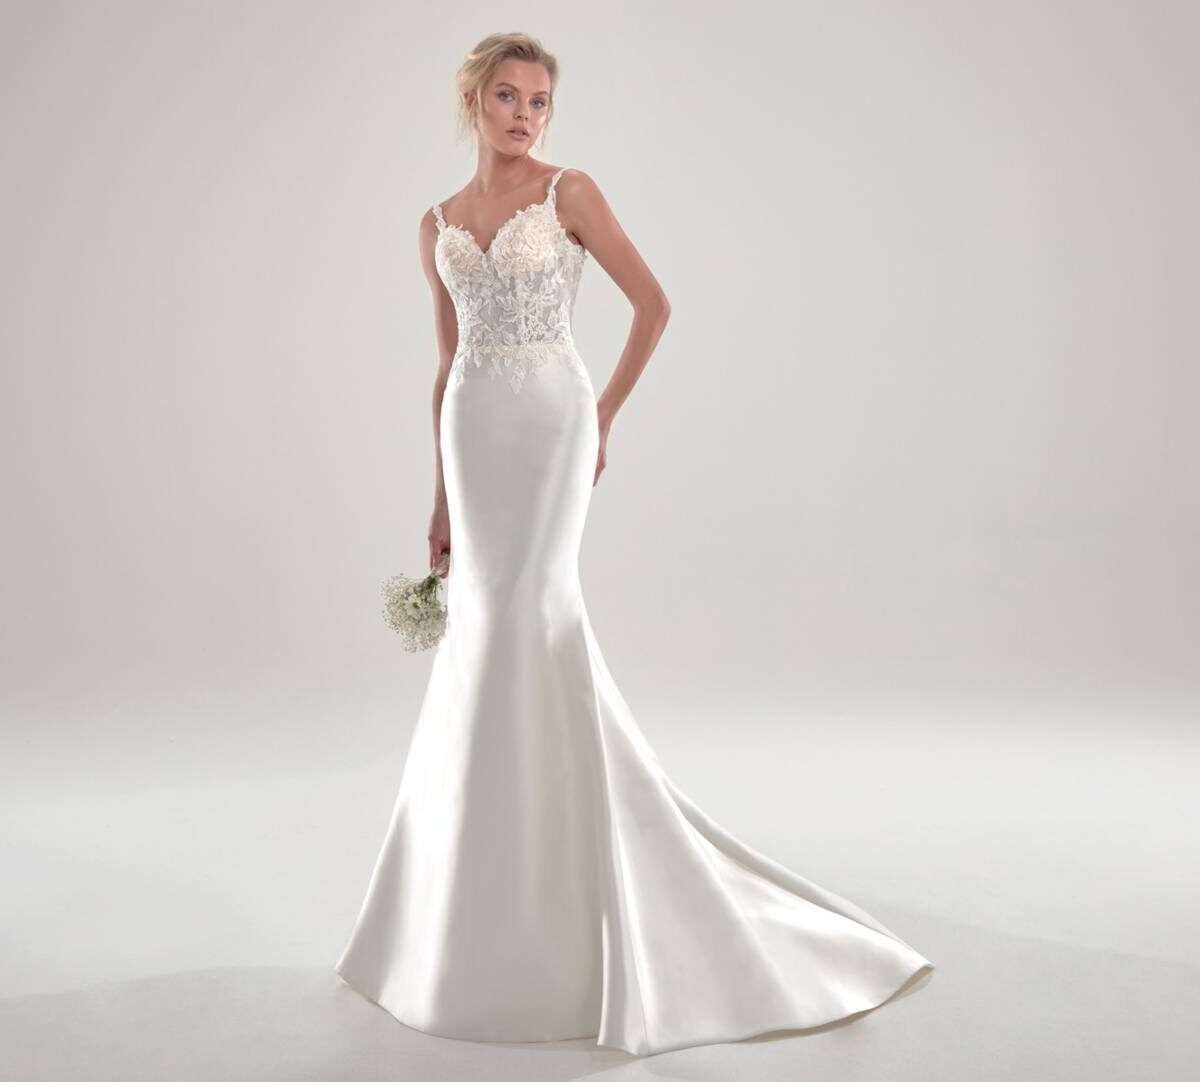 Elizabeth-Bridal-Aurora-20371